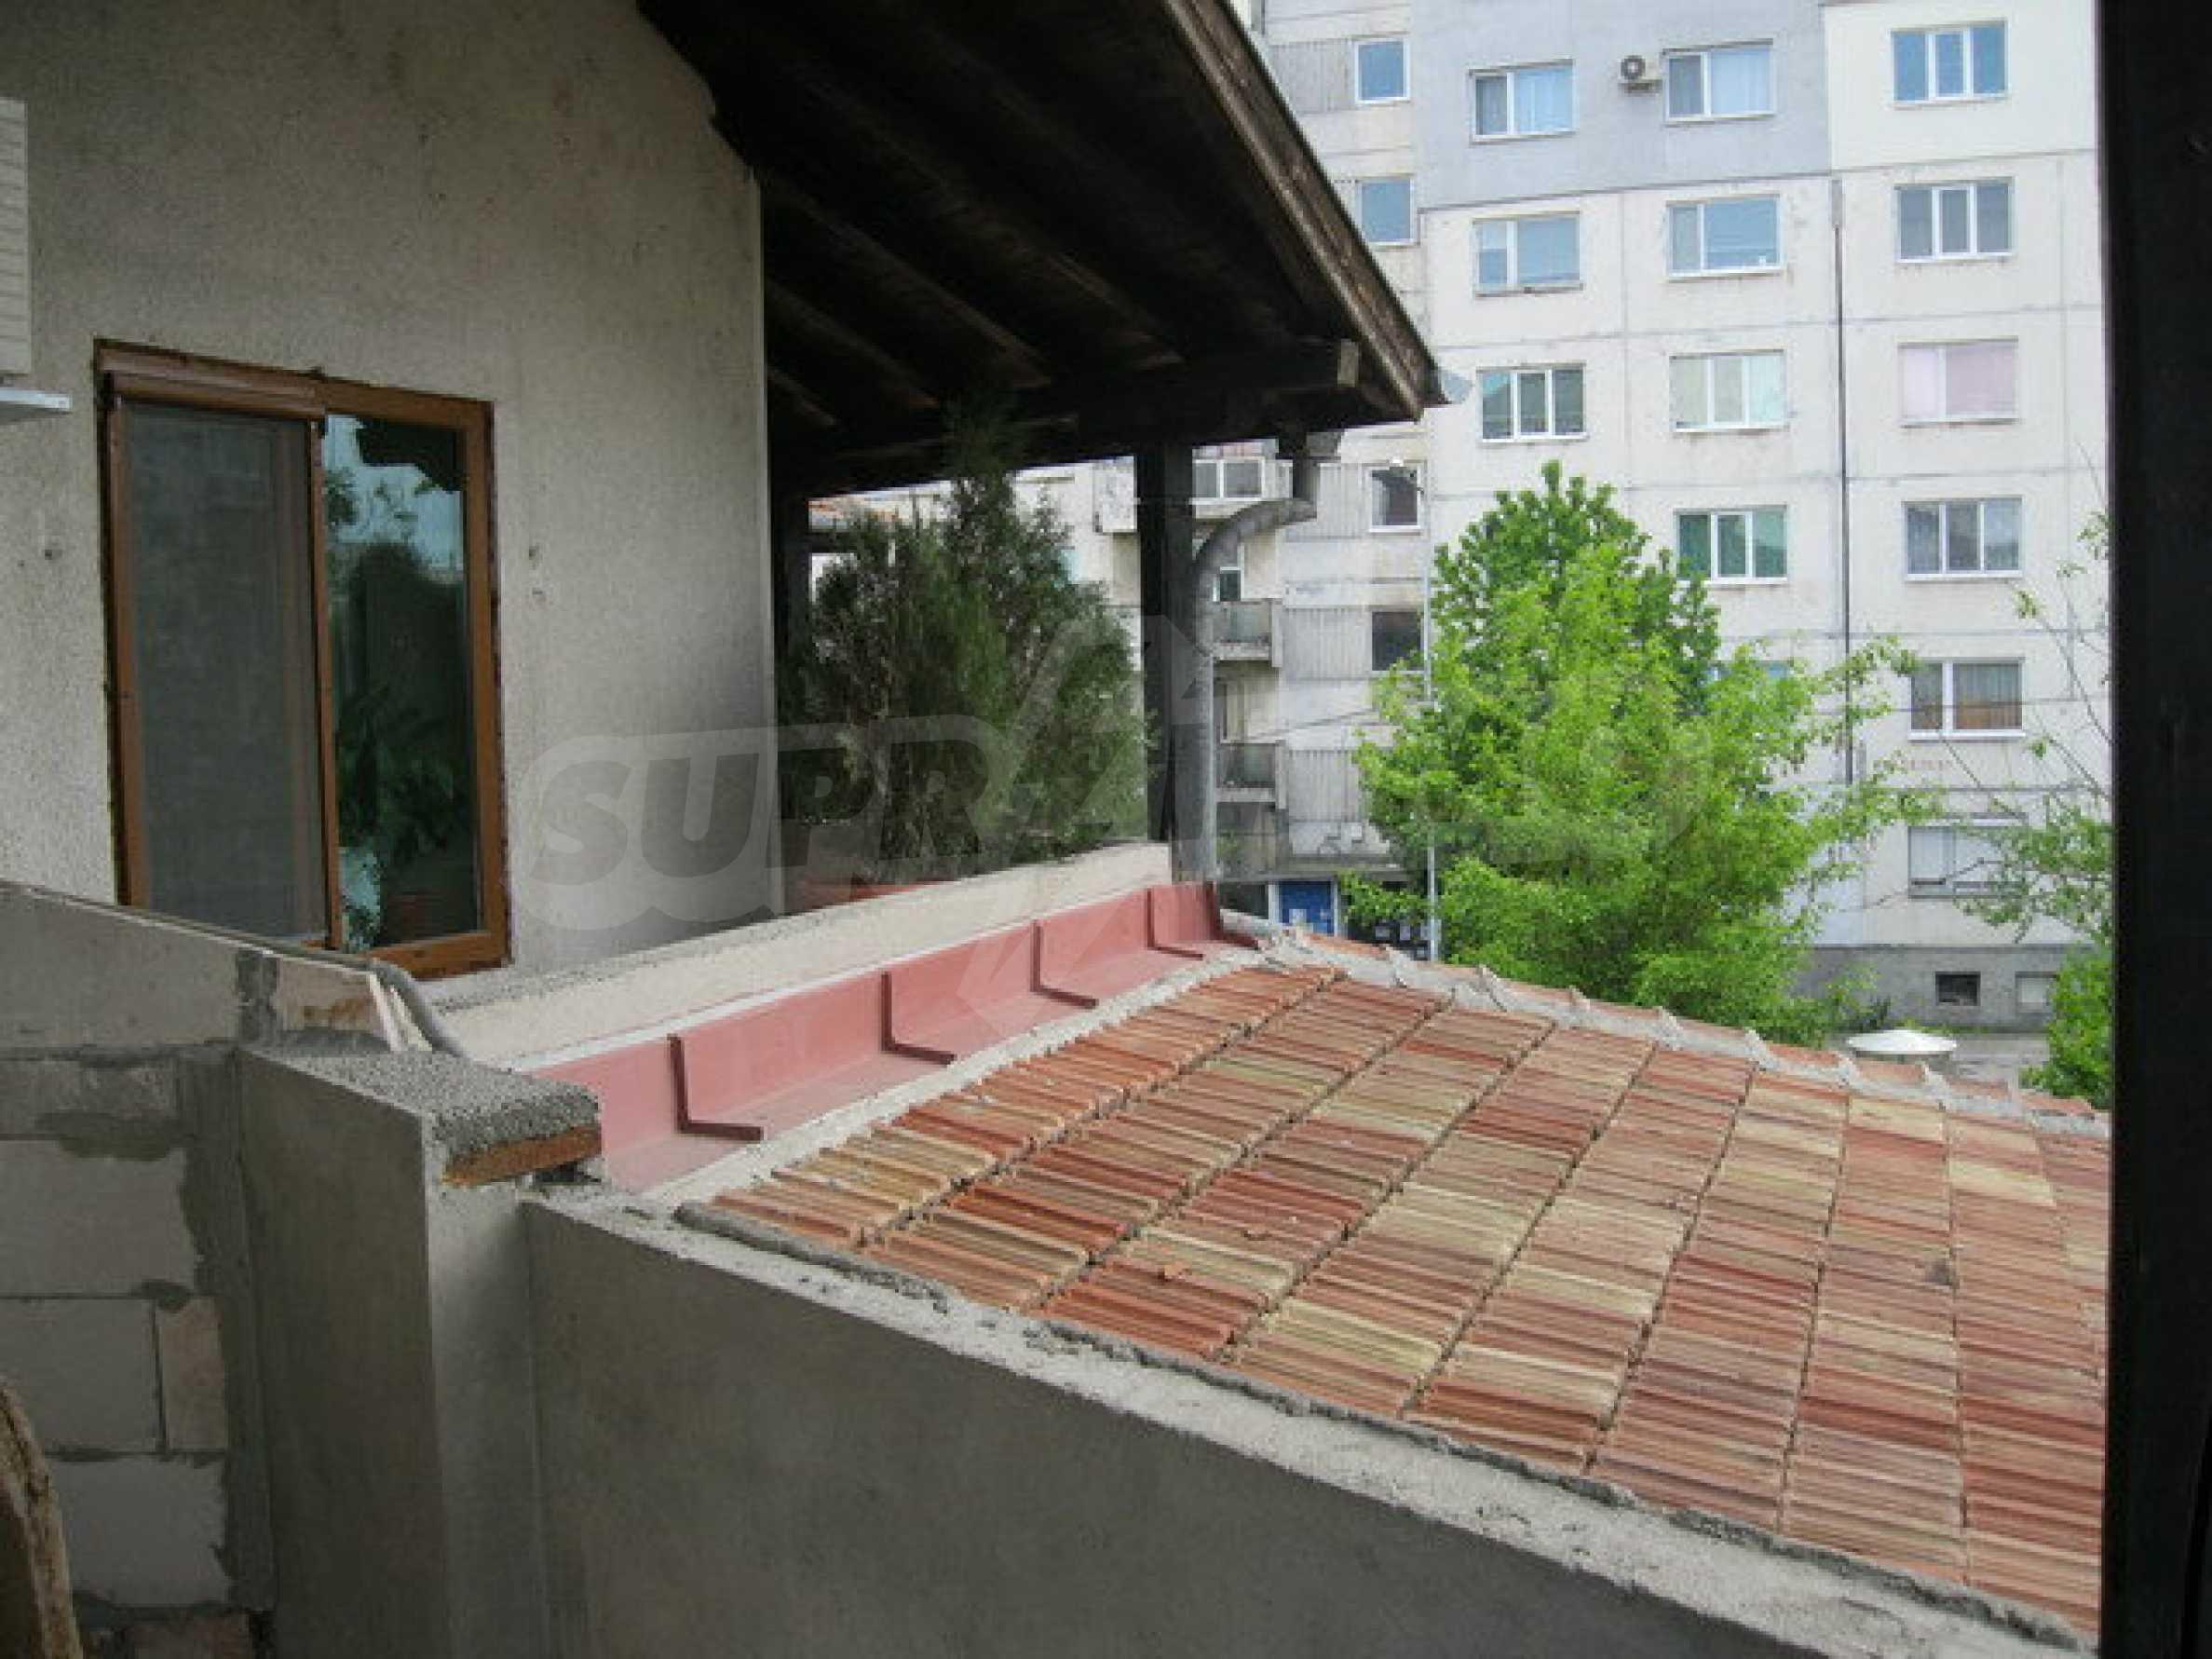 Здание, подходящее для разных видов бизнеса, расположенное в городе Велико Тырново 26